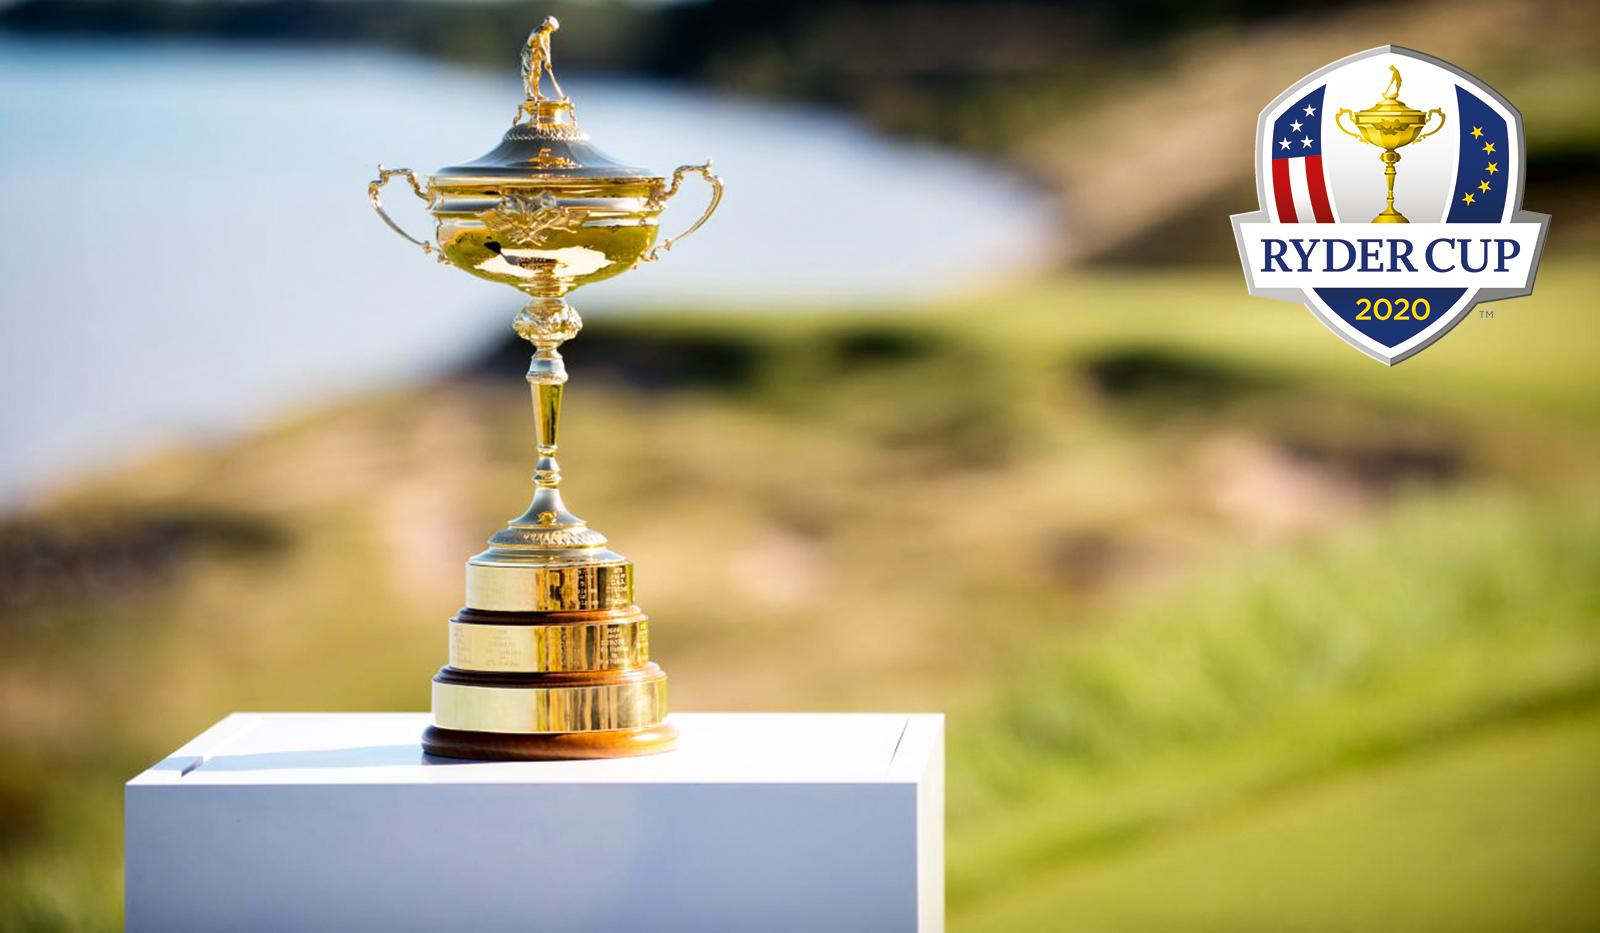 Rydercup 2021 ©Destinationkohler 1 - Ryder Cup 2021